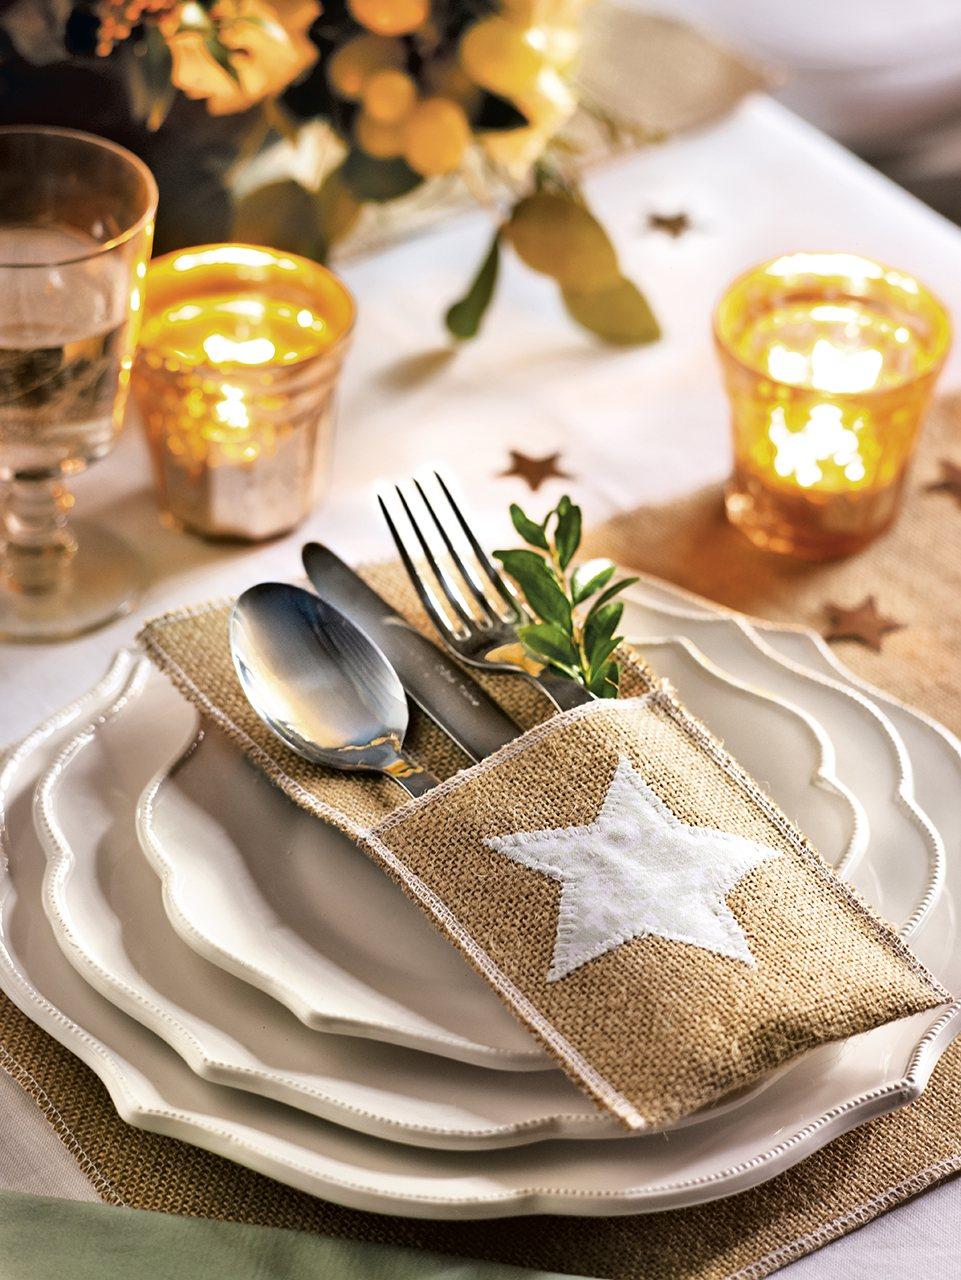 Descubre la decoraci n navide a m s natural for Vajillas para navidad